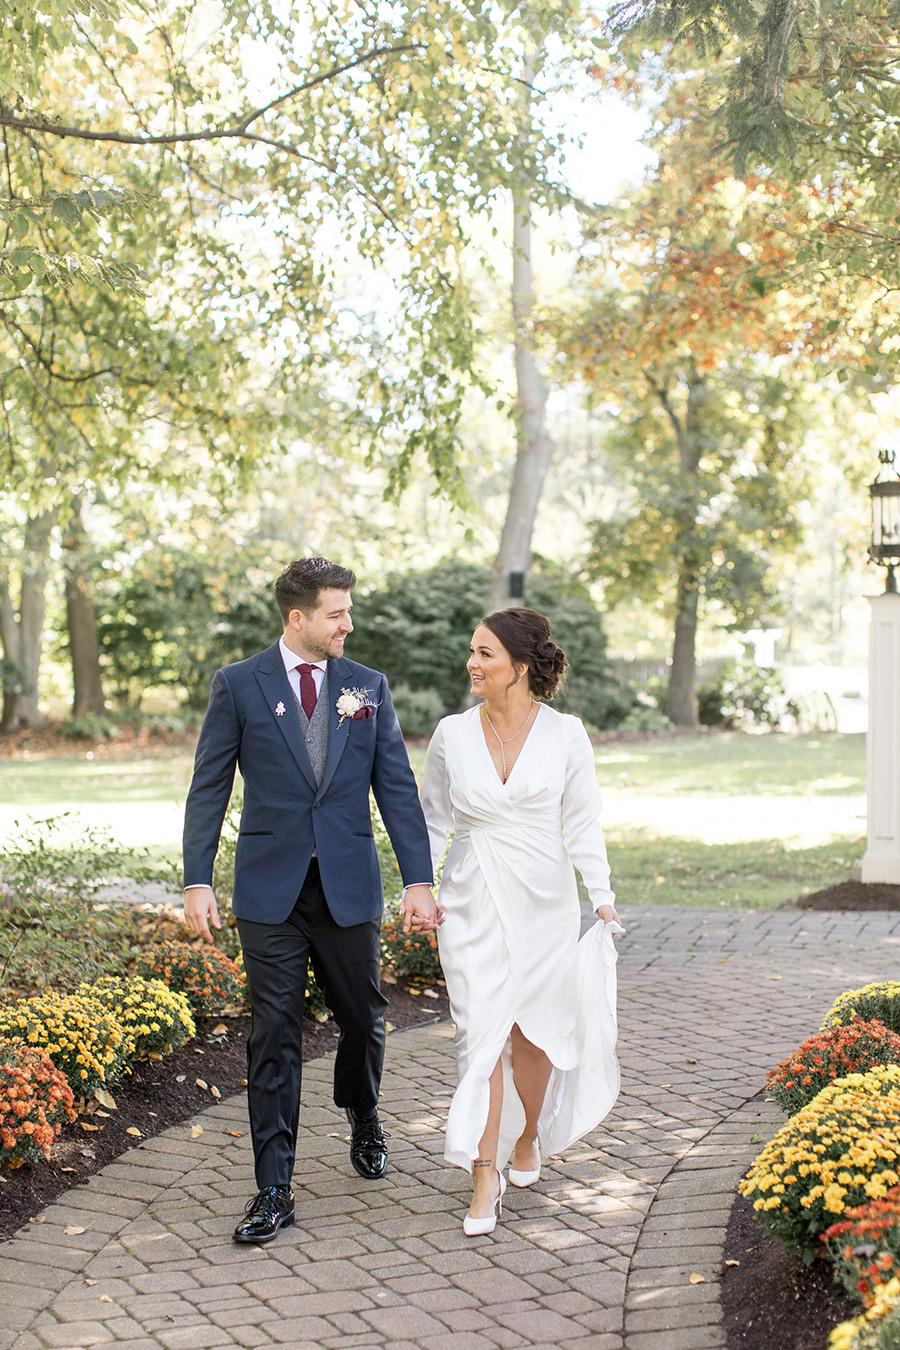 Wedding reception entrance at Olde Mill Inn